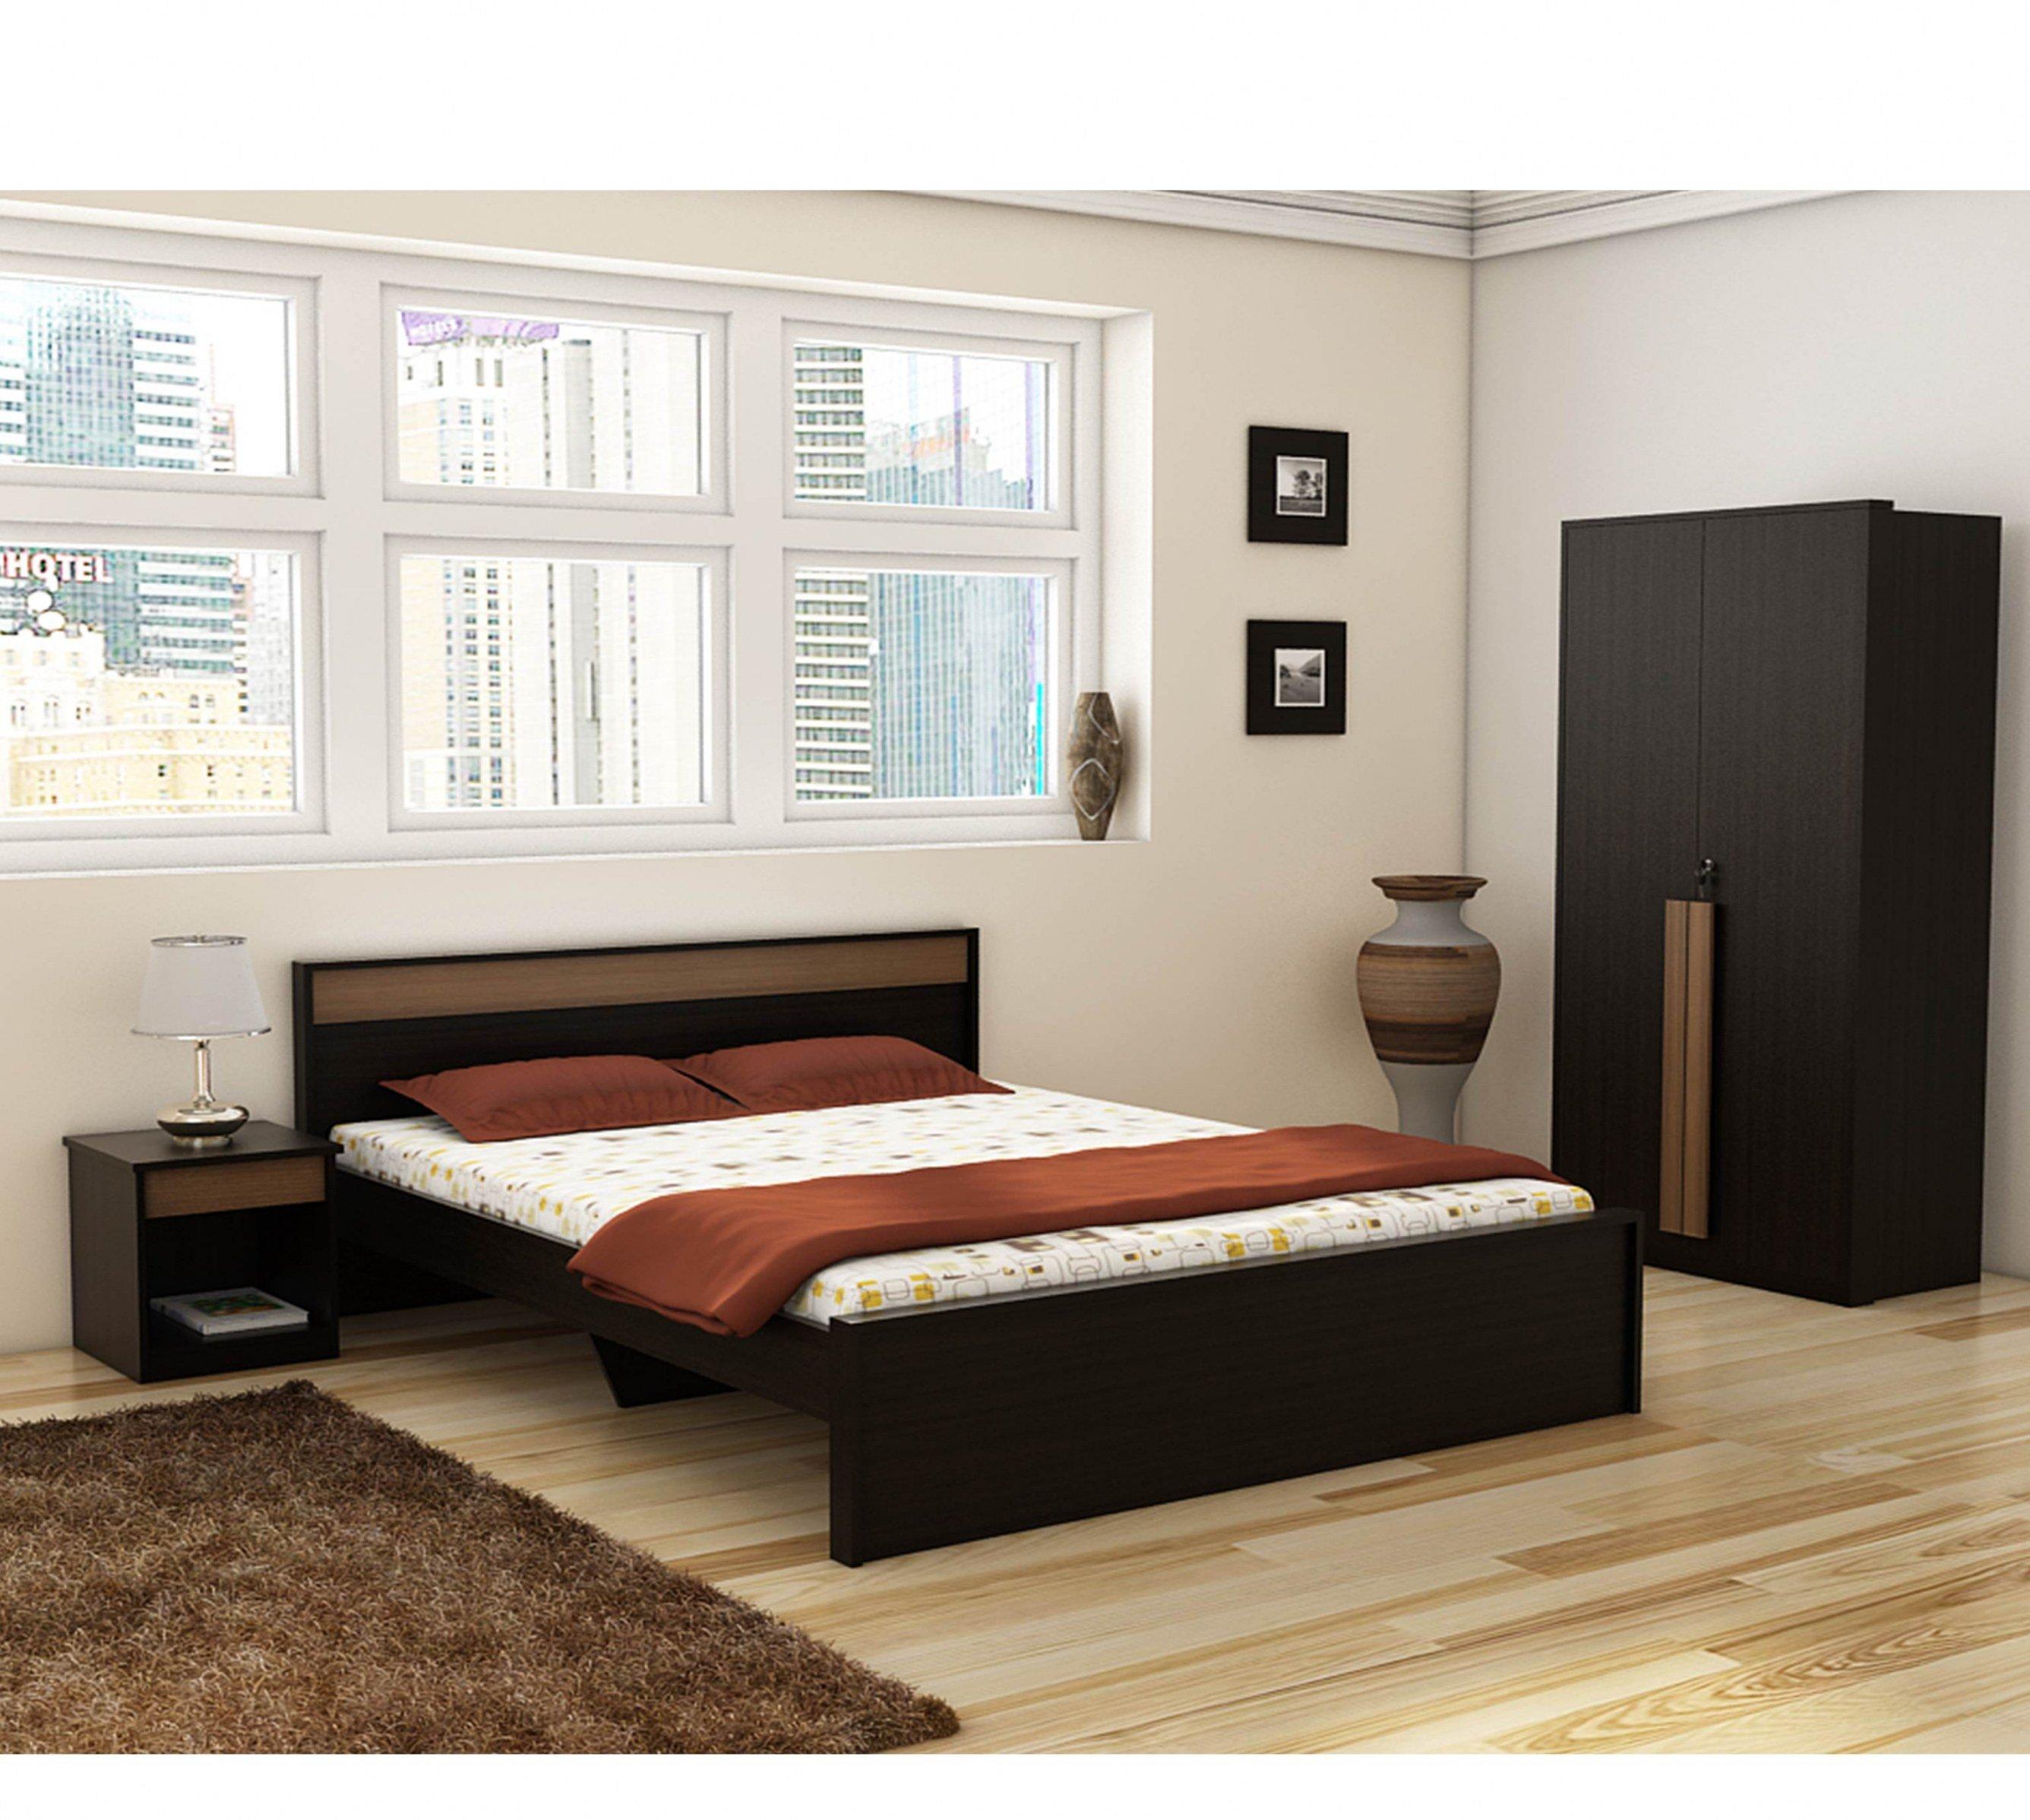 Girls Bedroom Furniture Set Luxury Low Beds Ikea White Bedroom Furniture Sets Ikea White Hemnes